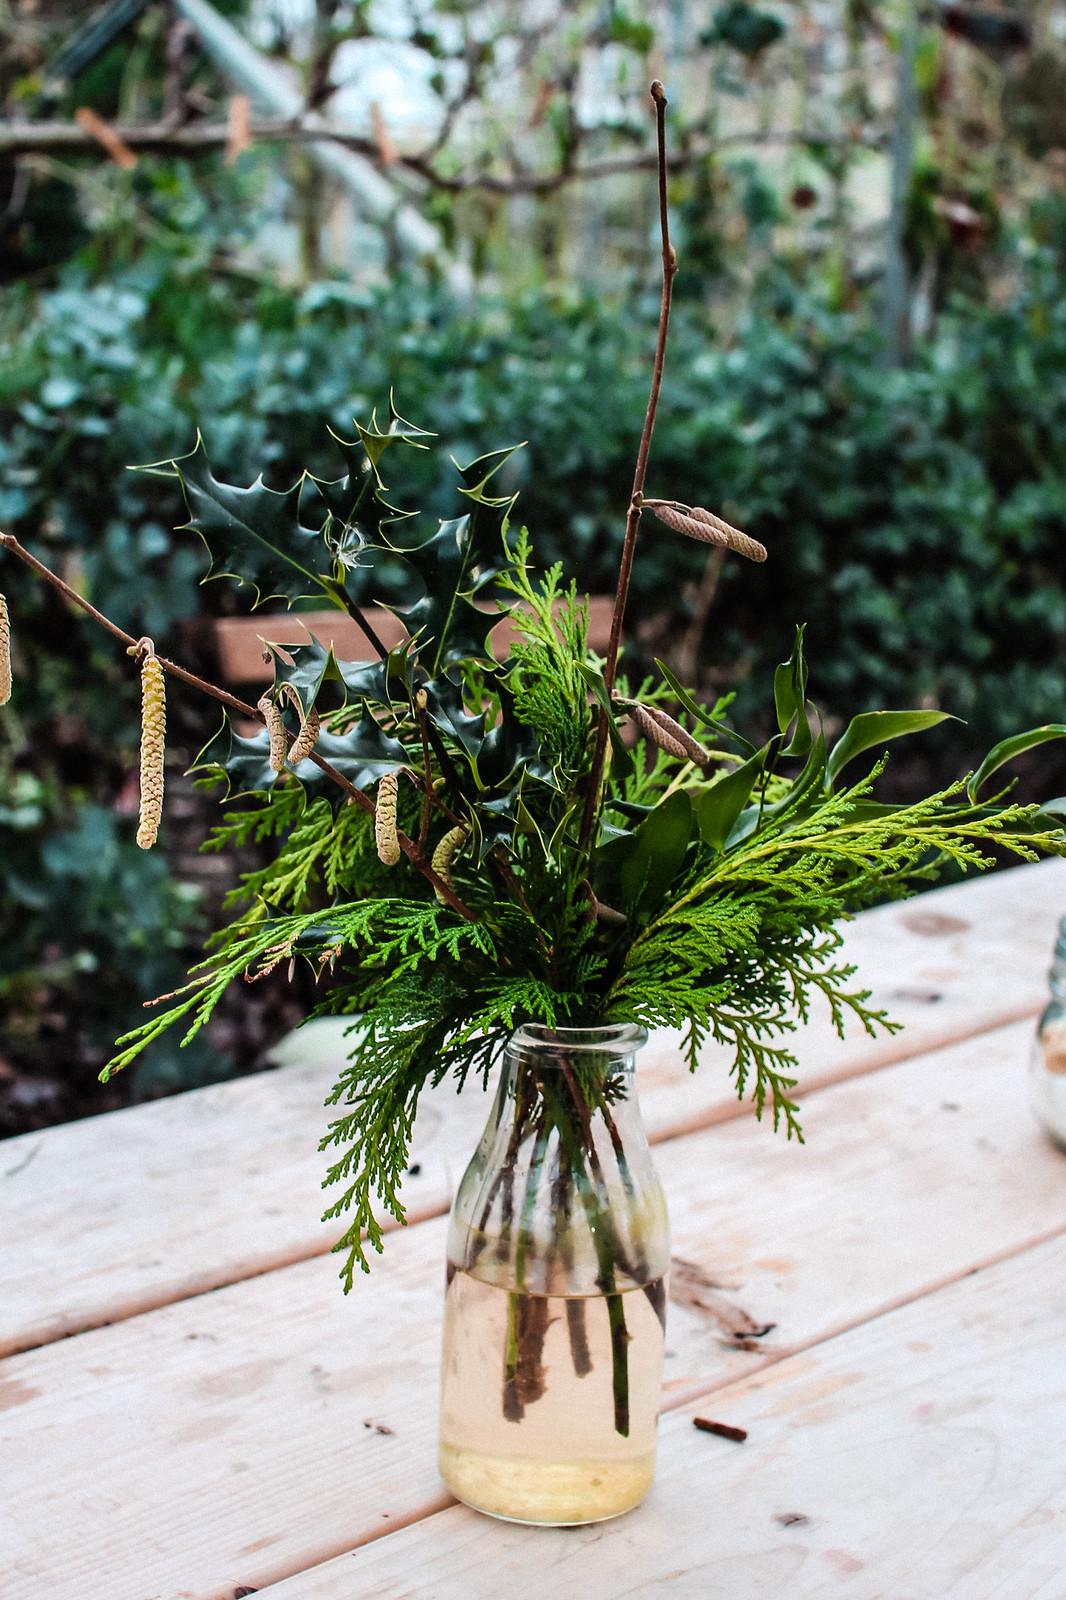 Edinburgh Secret Herb Garden Review Lifestyle blogger travel UK The Little Things IMG_7683